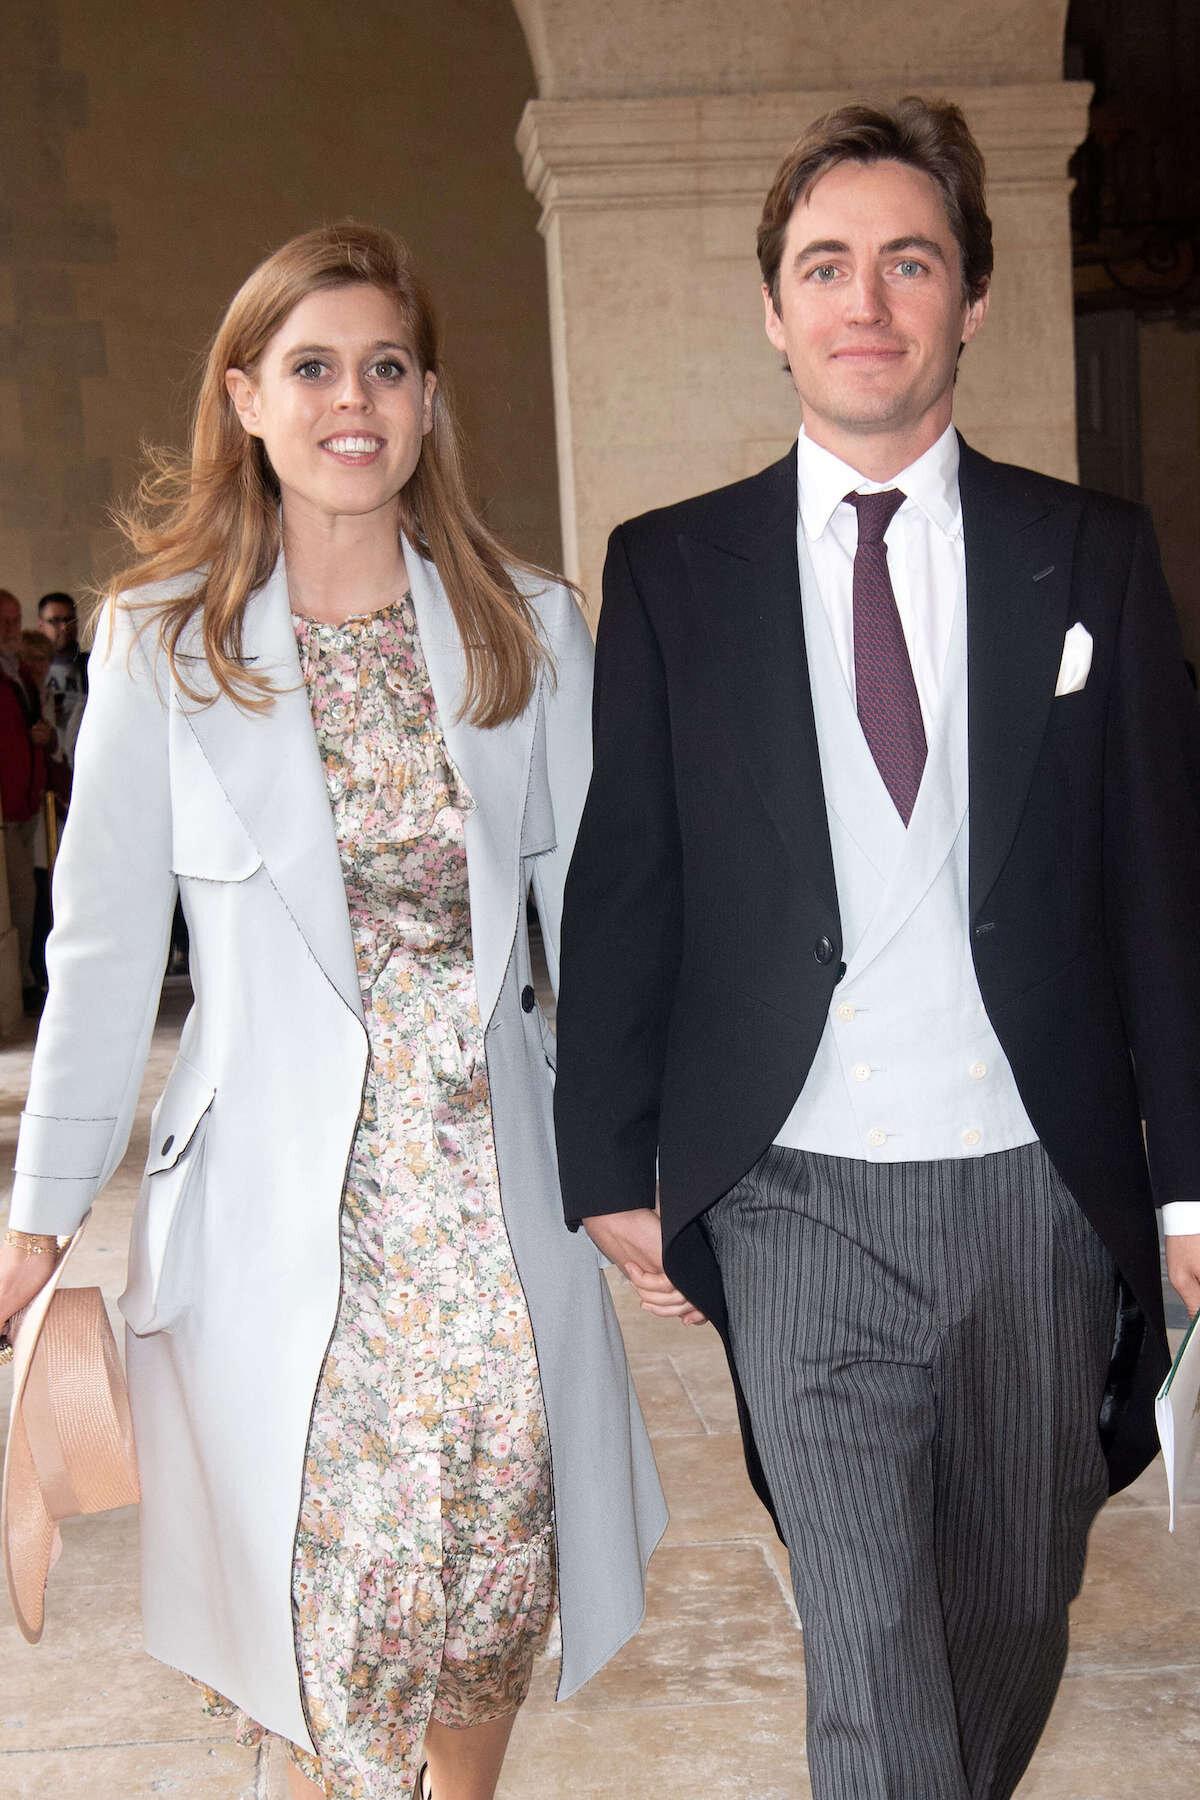 Prinzessin Beatrice ist seit September 2019 mit dem Immobilienunternehmer Edoardo Mapelli Mozzi verlobt. Ihre geplante Hochzeit muss jedoch verschoben werden.  © picture alliance / abaca